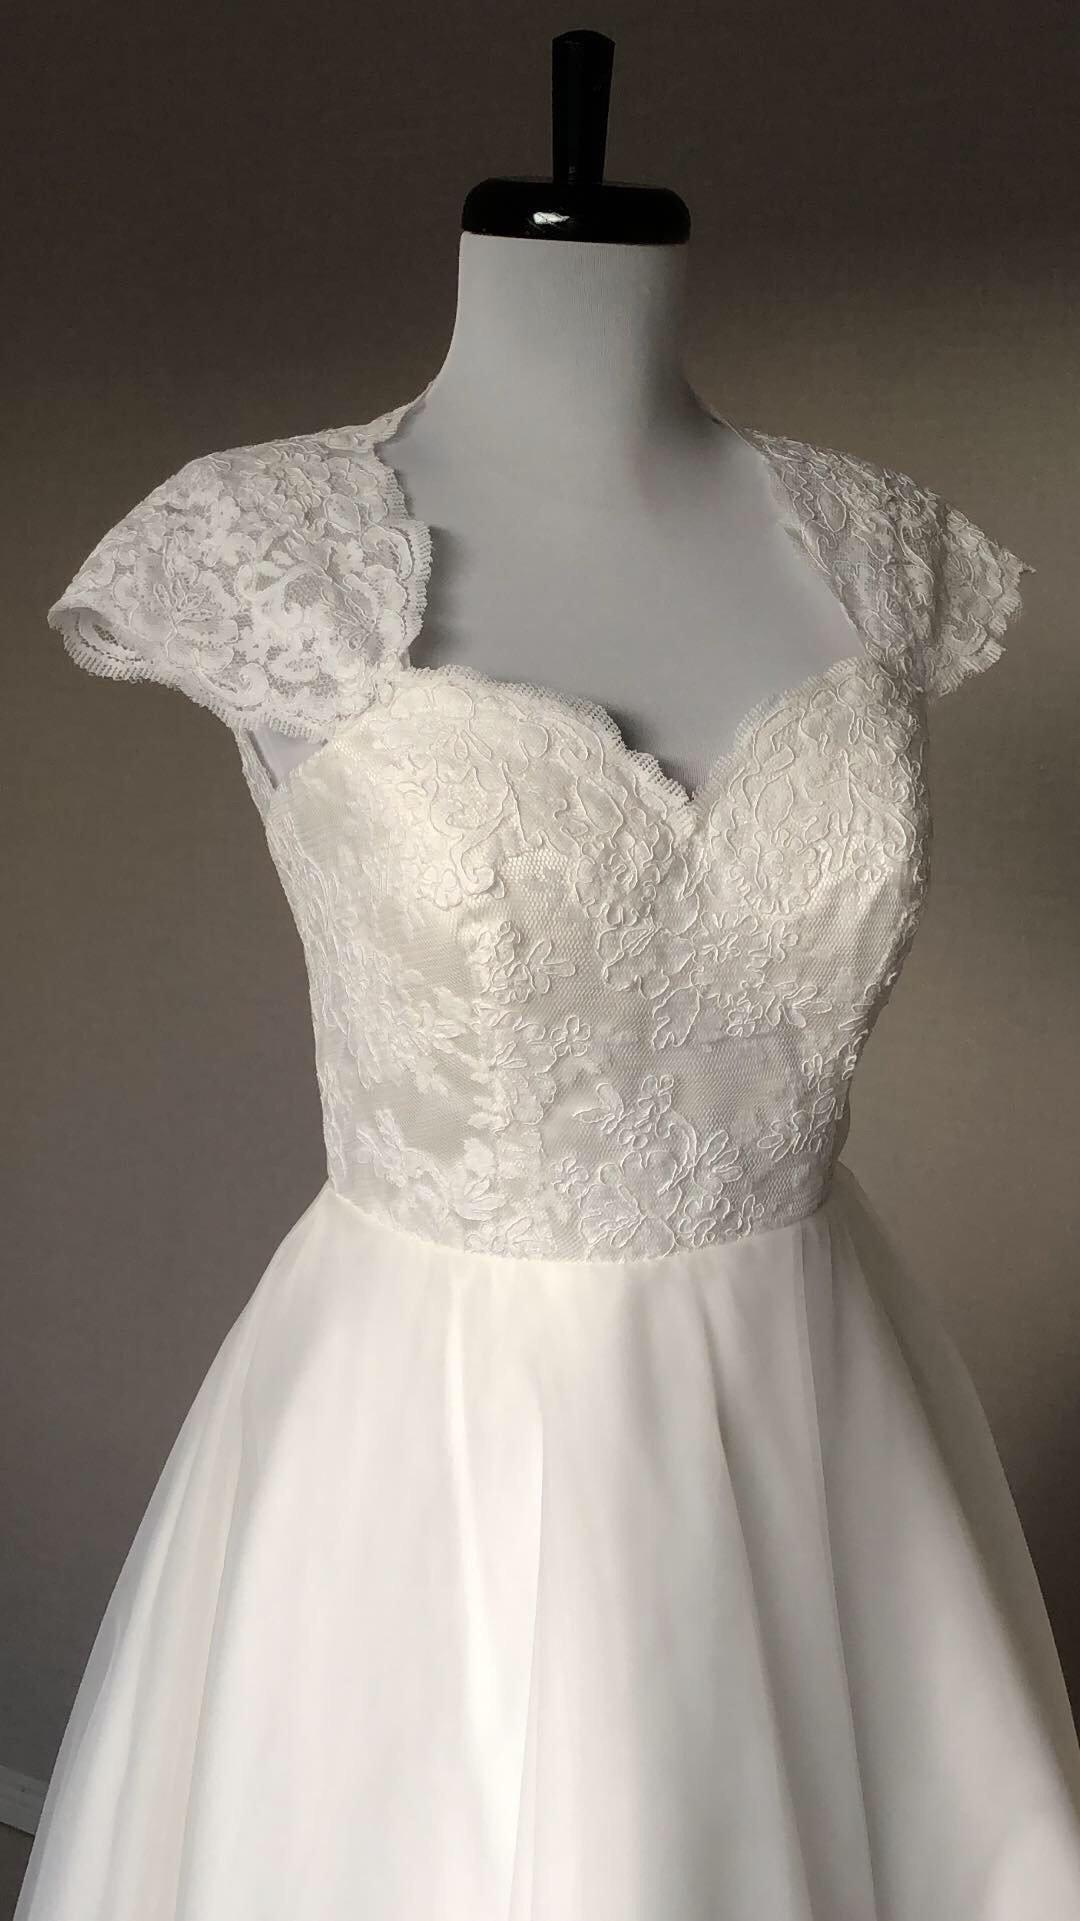 2de7032ef729 Bröllopsklänning, 50-tals klänning, 60-tals, vintage Brudklänning Retro ...